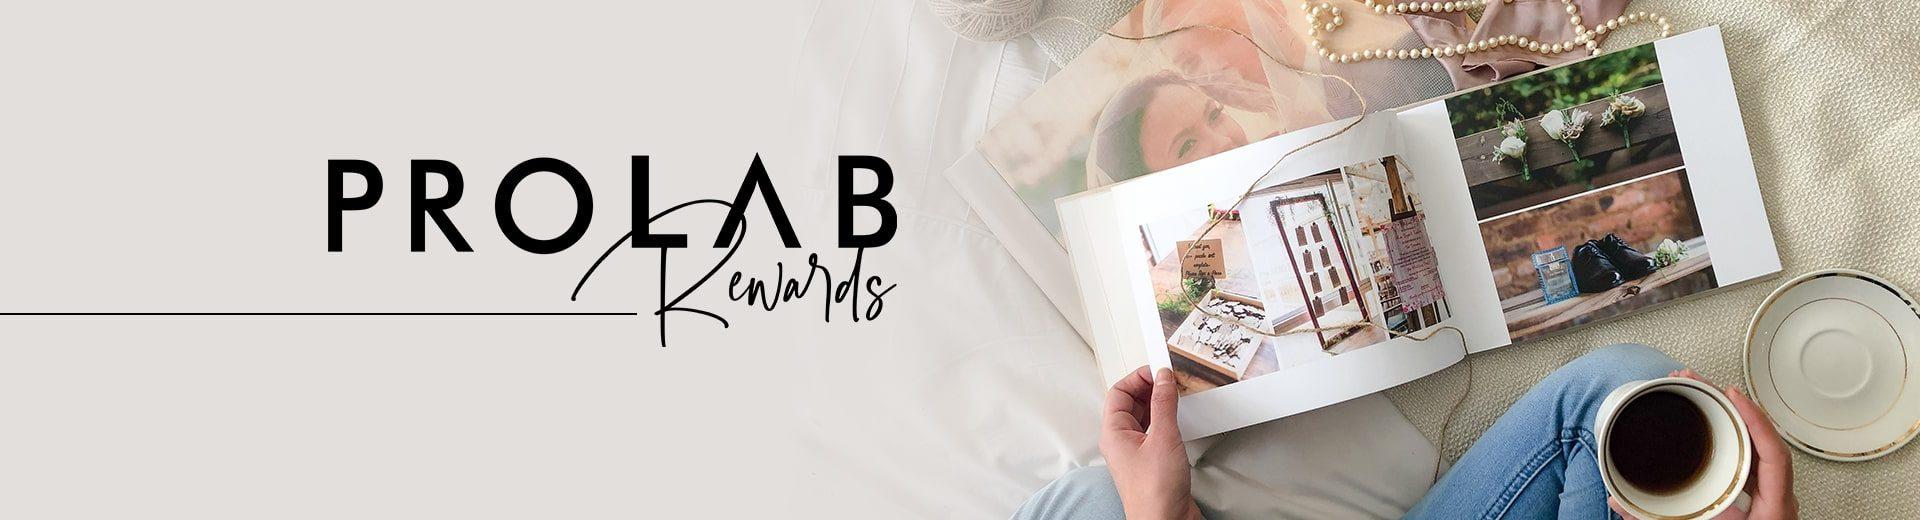 Prolab Rewards